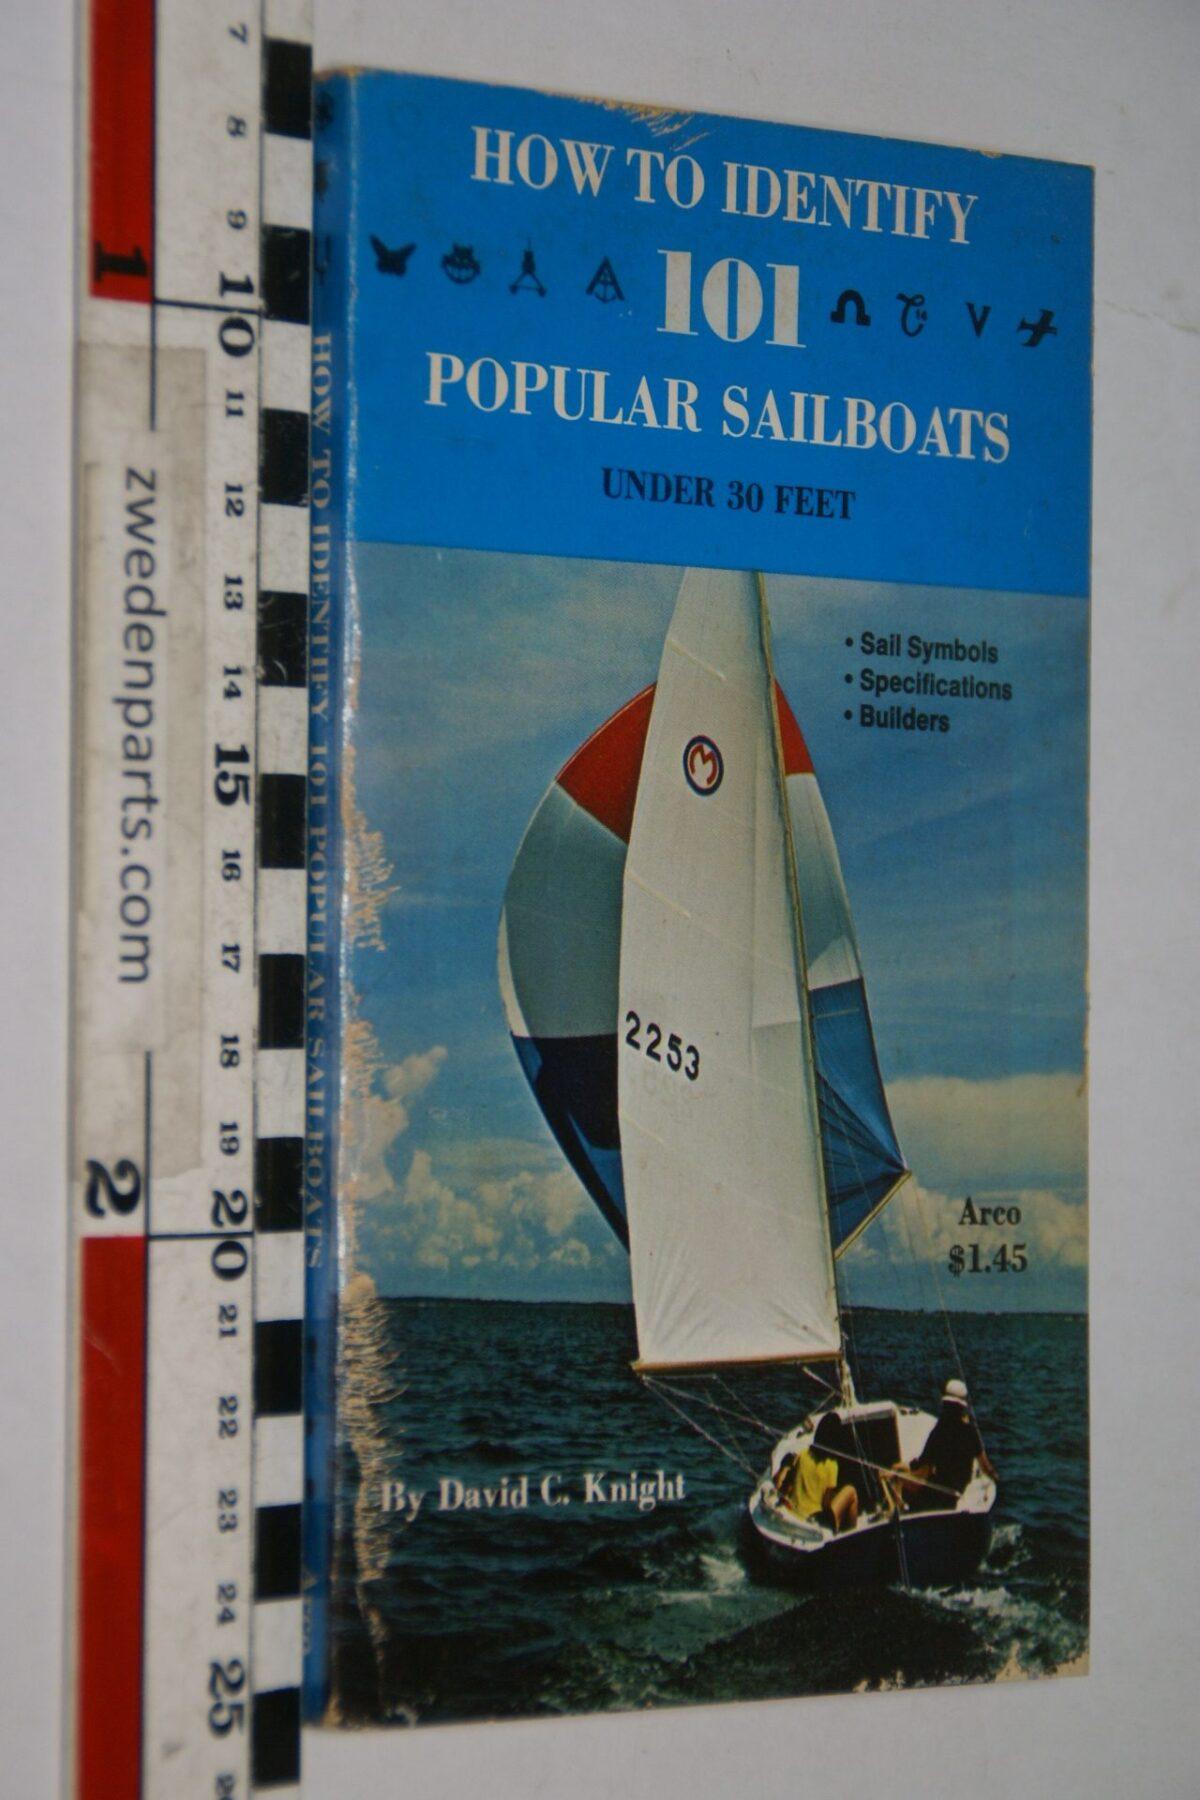 DSC06934 1973 boek 101 popular sailboats by David Knight  ISBN 066827282